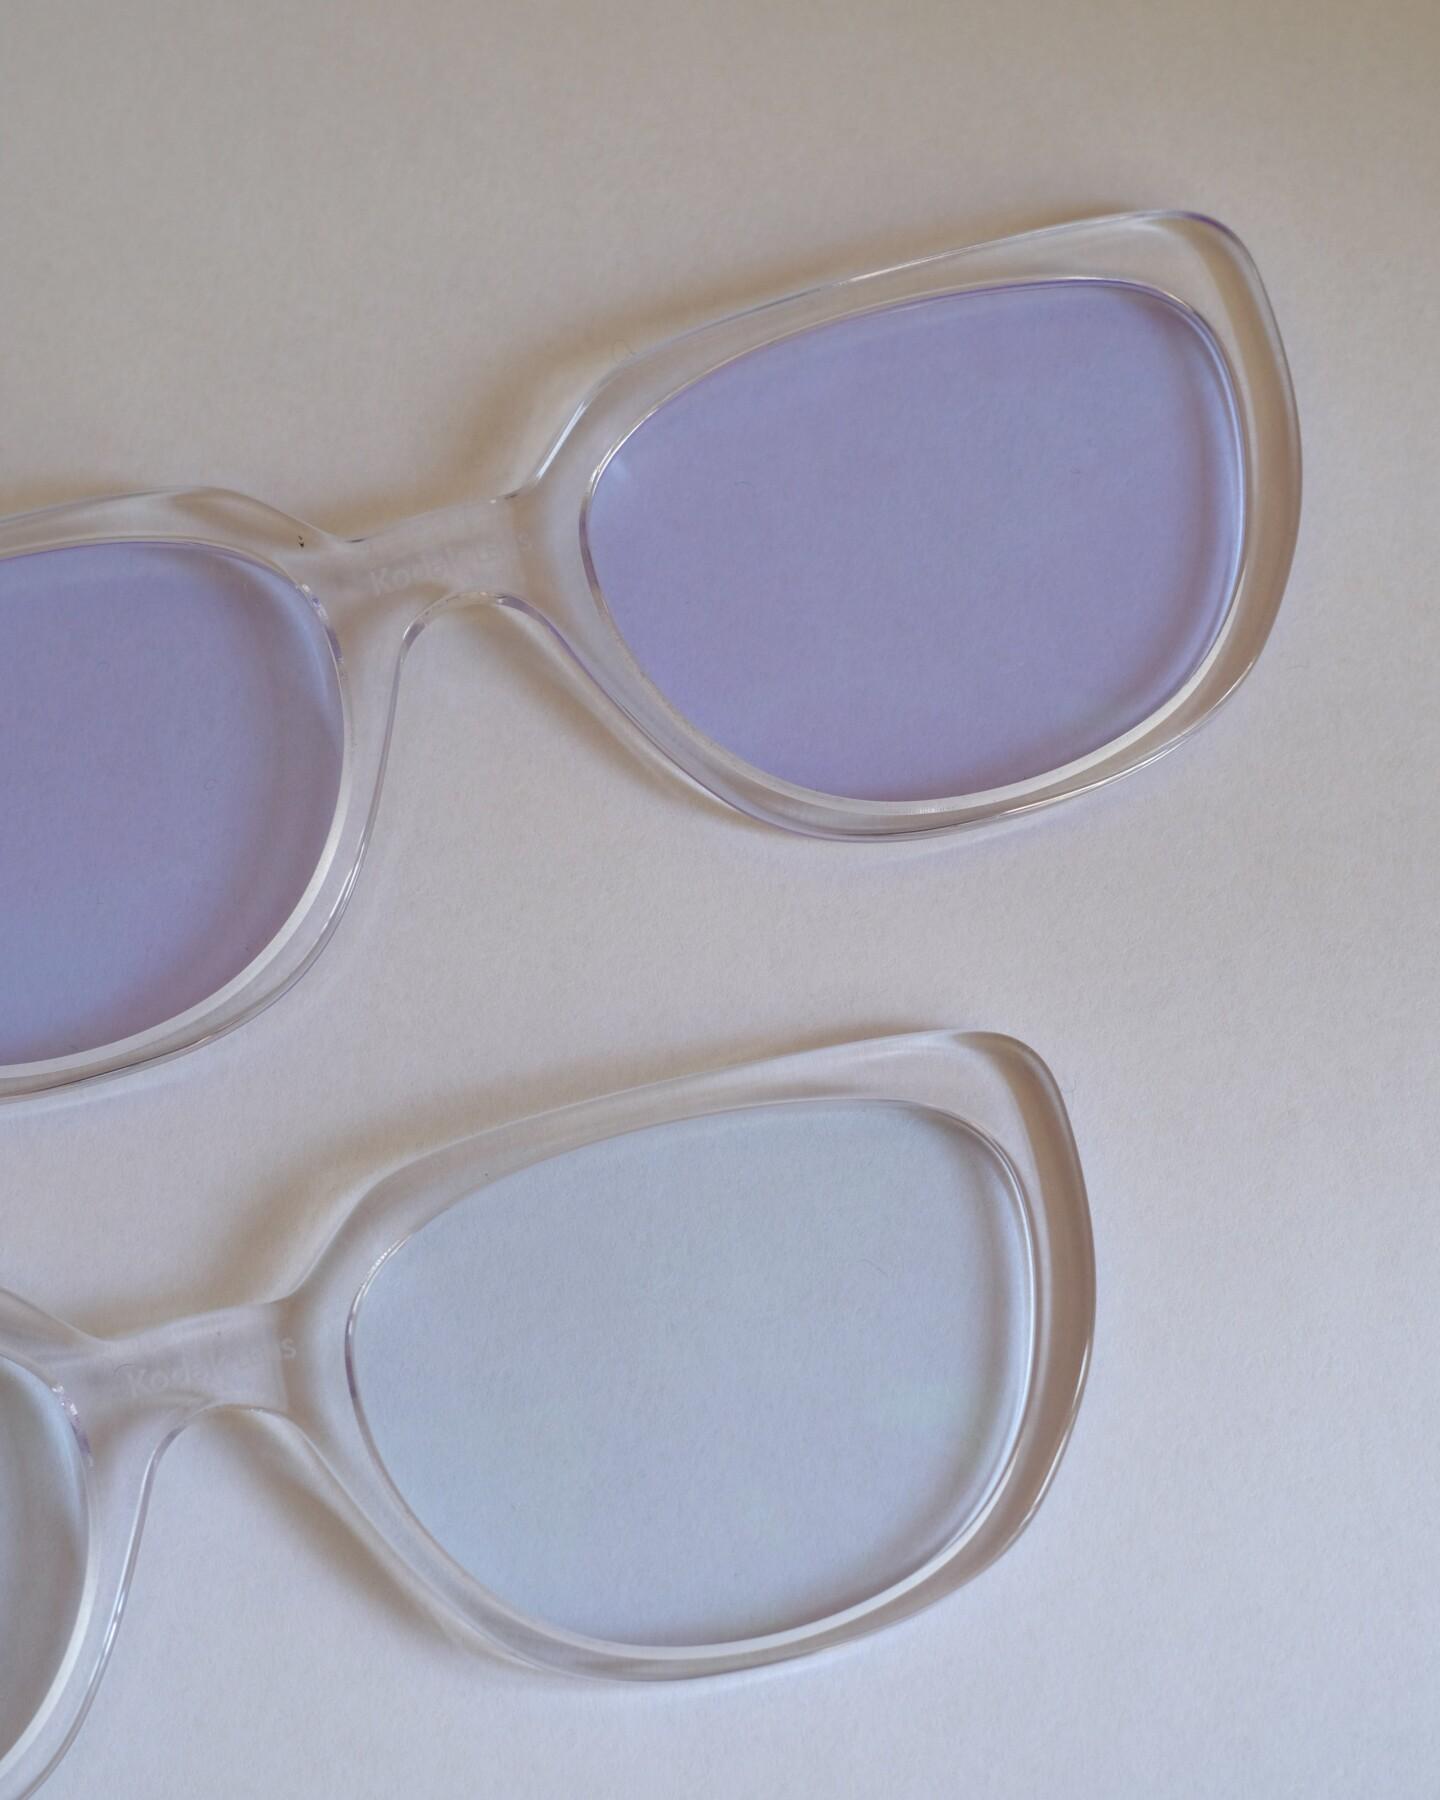 白内障の方へおすすめ眼鏡レンズ(ネオコントラスト、シーコントラスト)